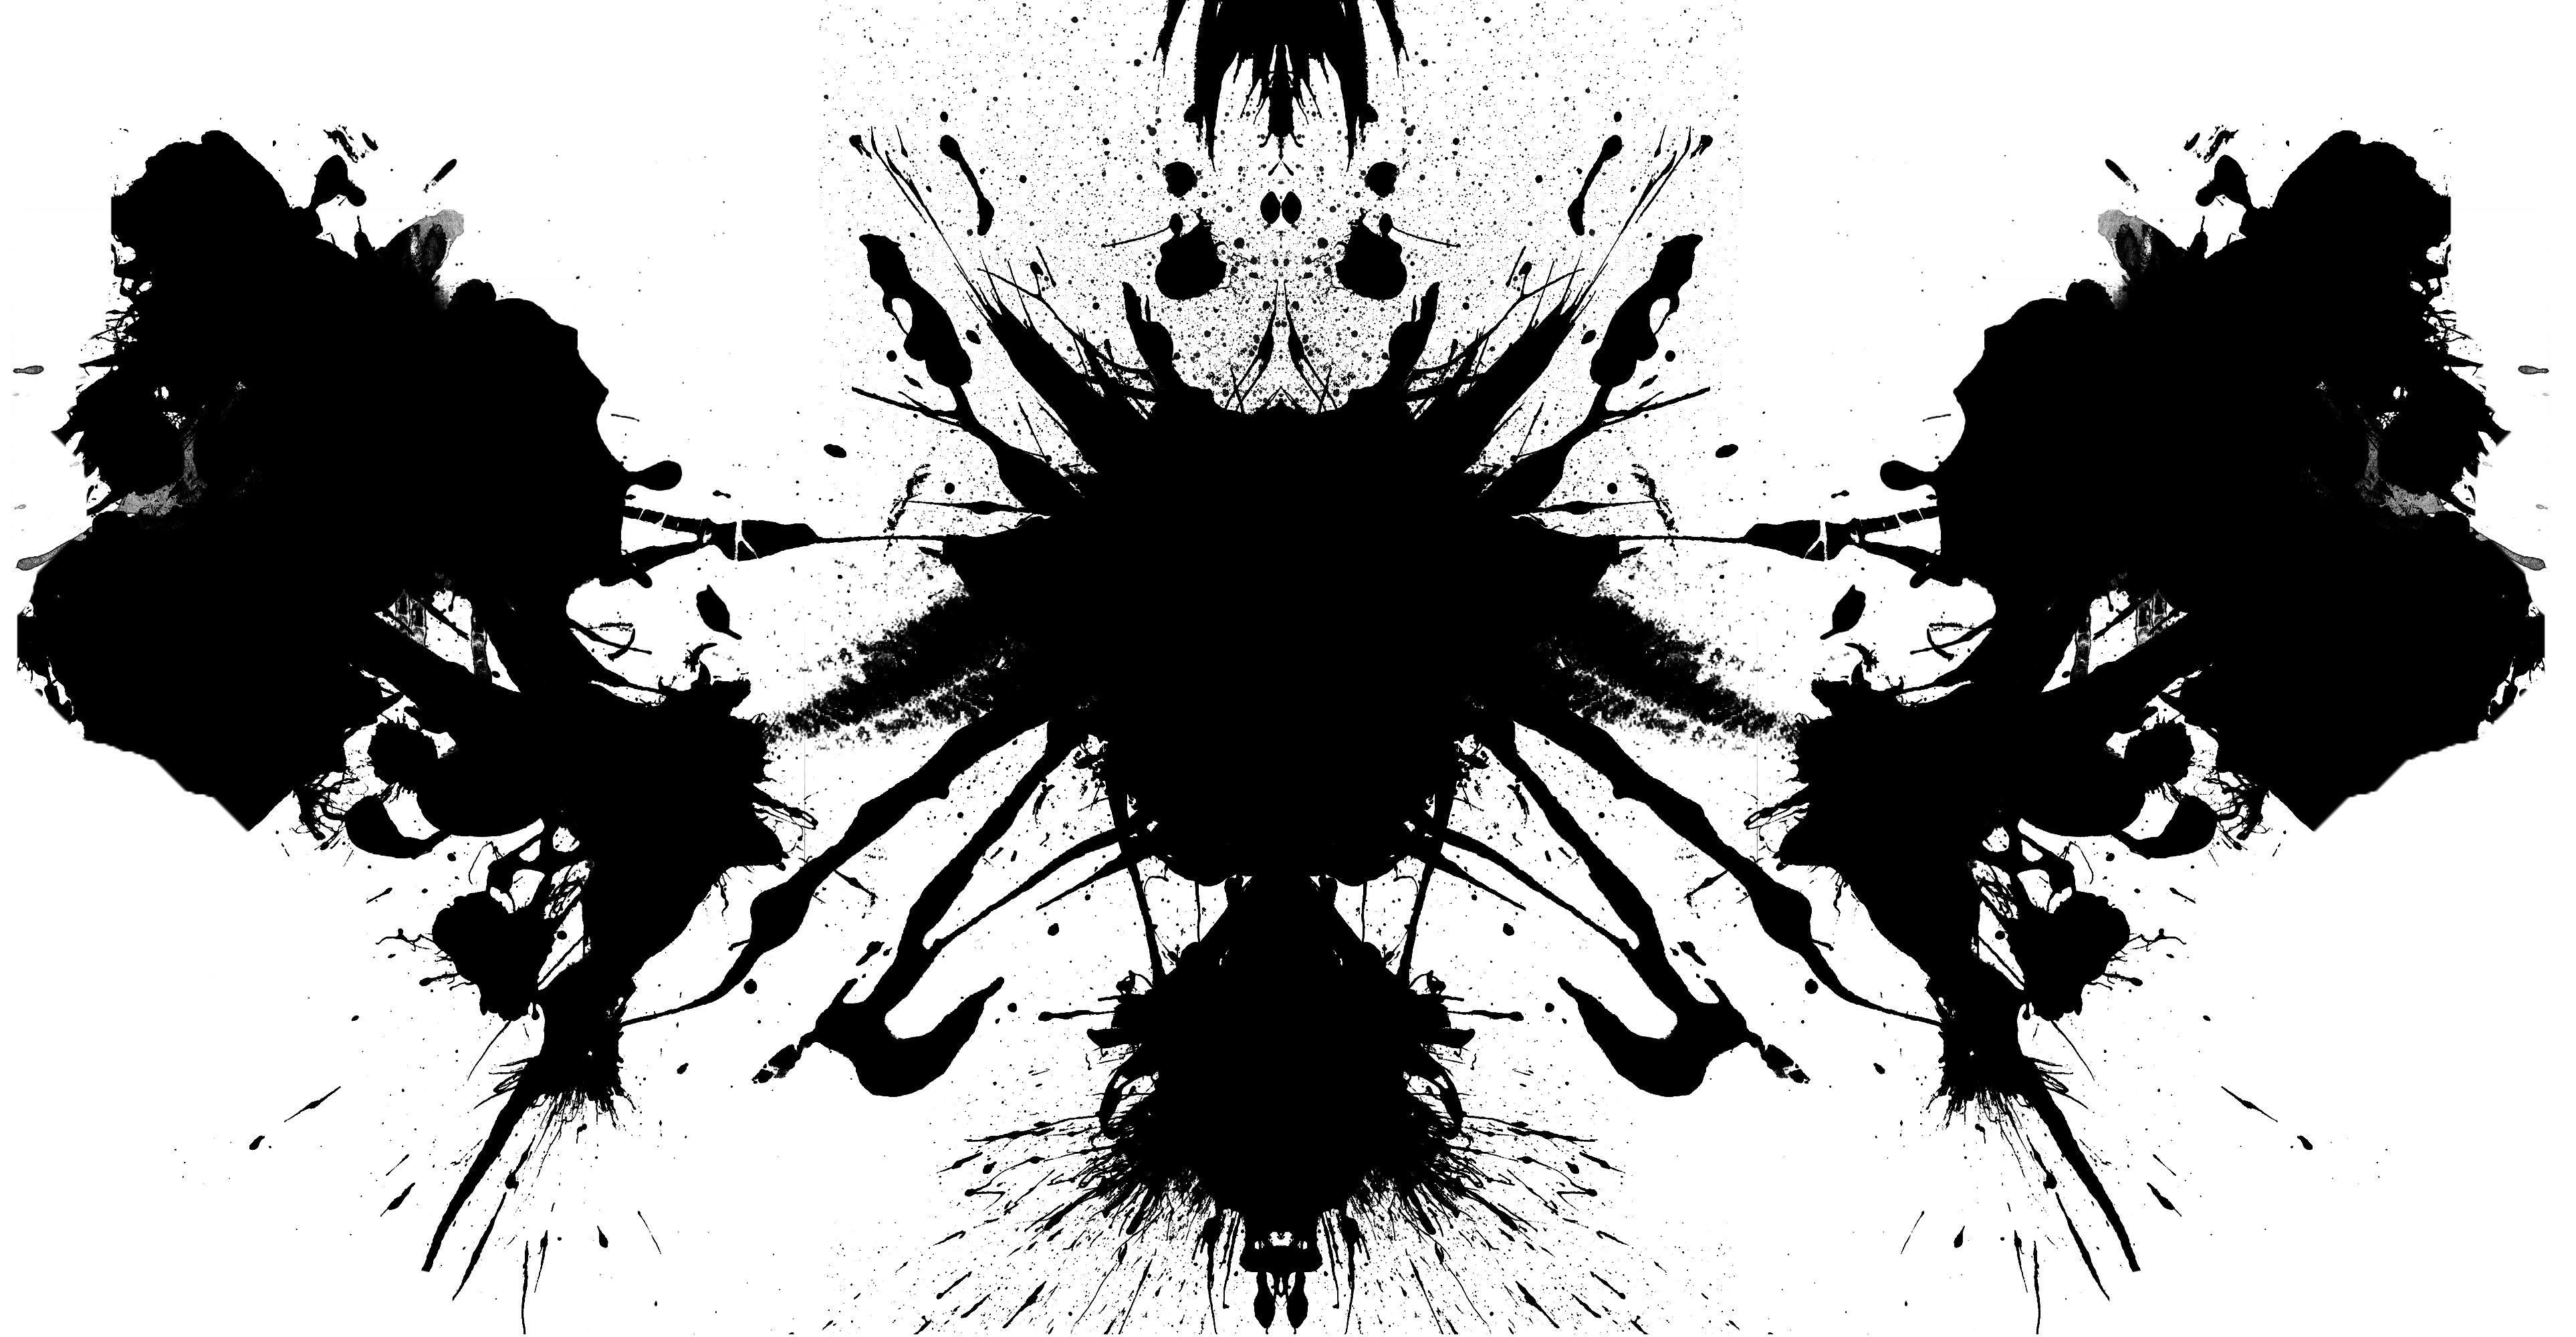 Психологические картинки и их обозначения